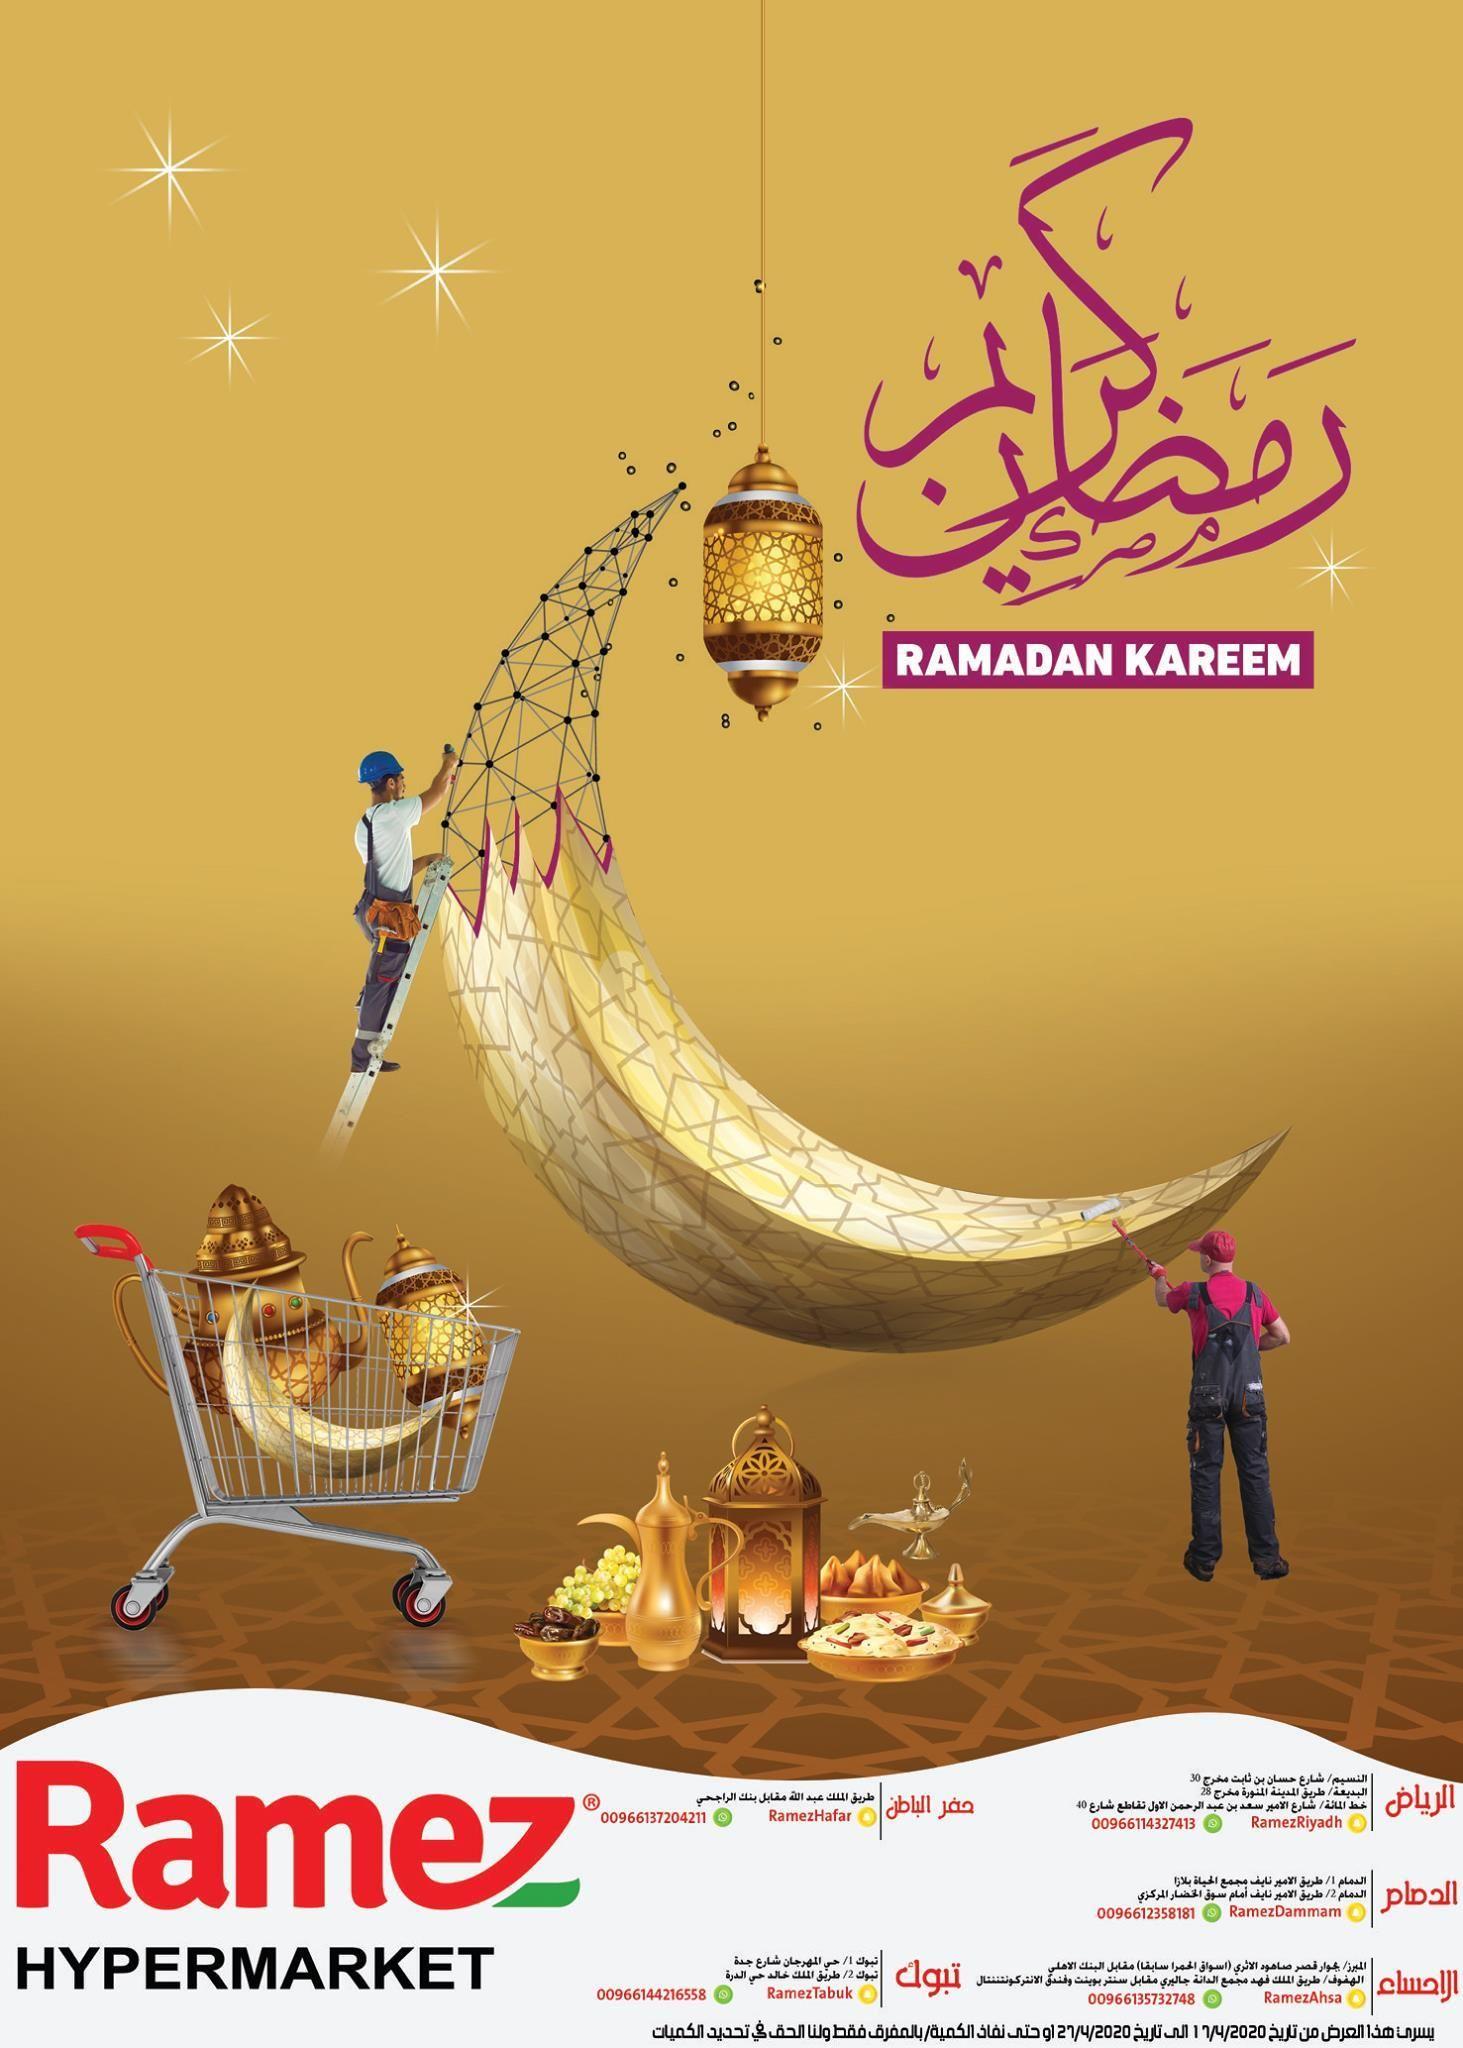 عروض رمضان عروض اسواق رامز السعودية الاسبوعية الجمعة 17 4 2020 رمضان كريم عروض اليوم Ramadan Kareem Ramadan Hypermarket